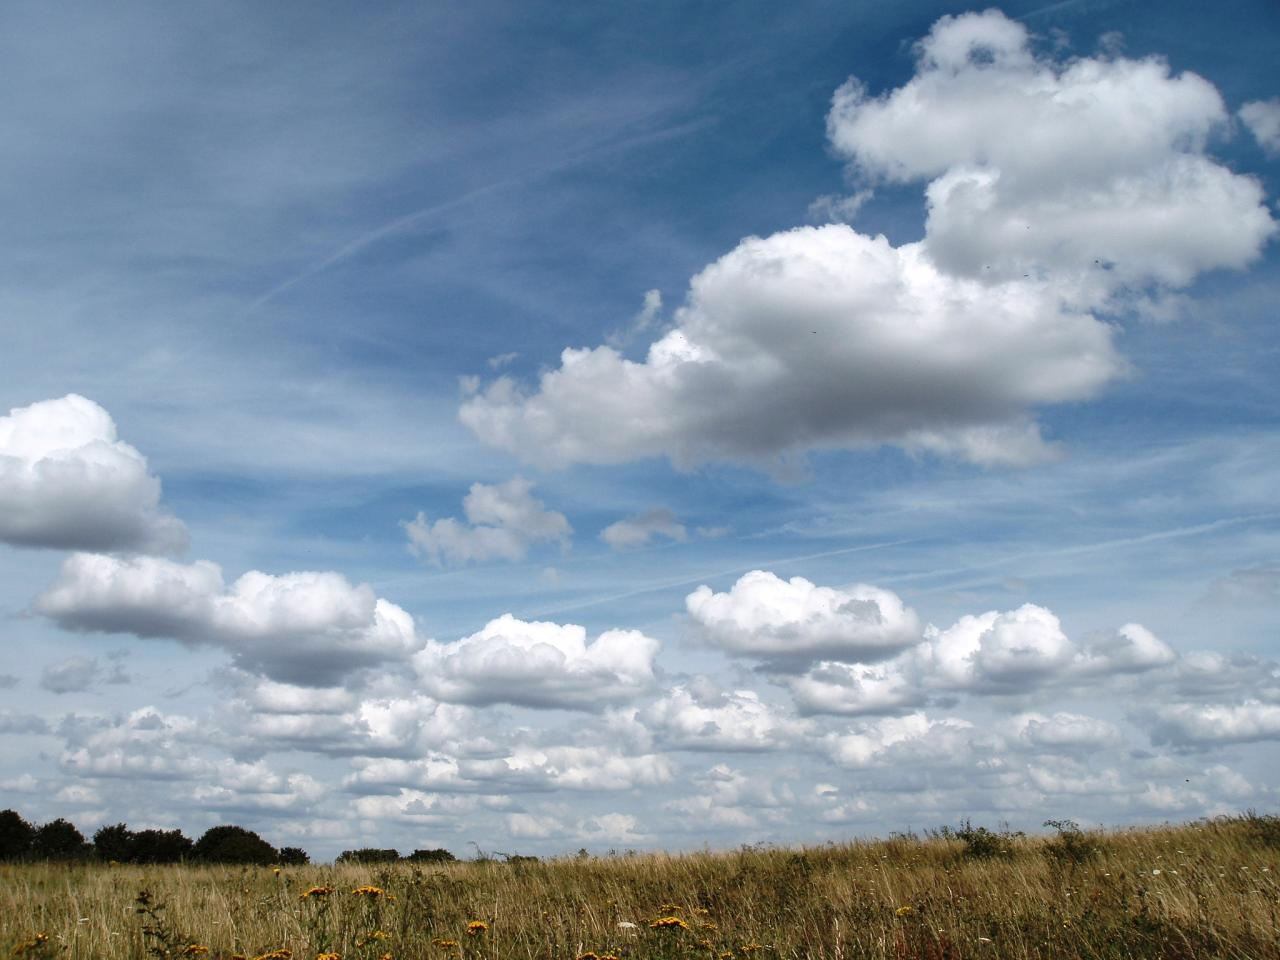 ciels et nuages